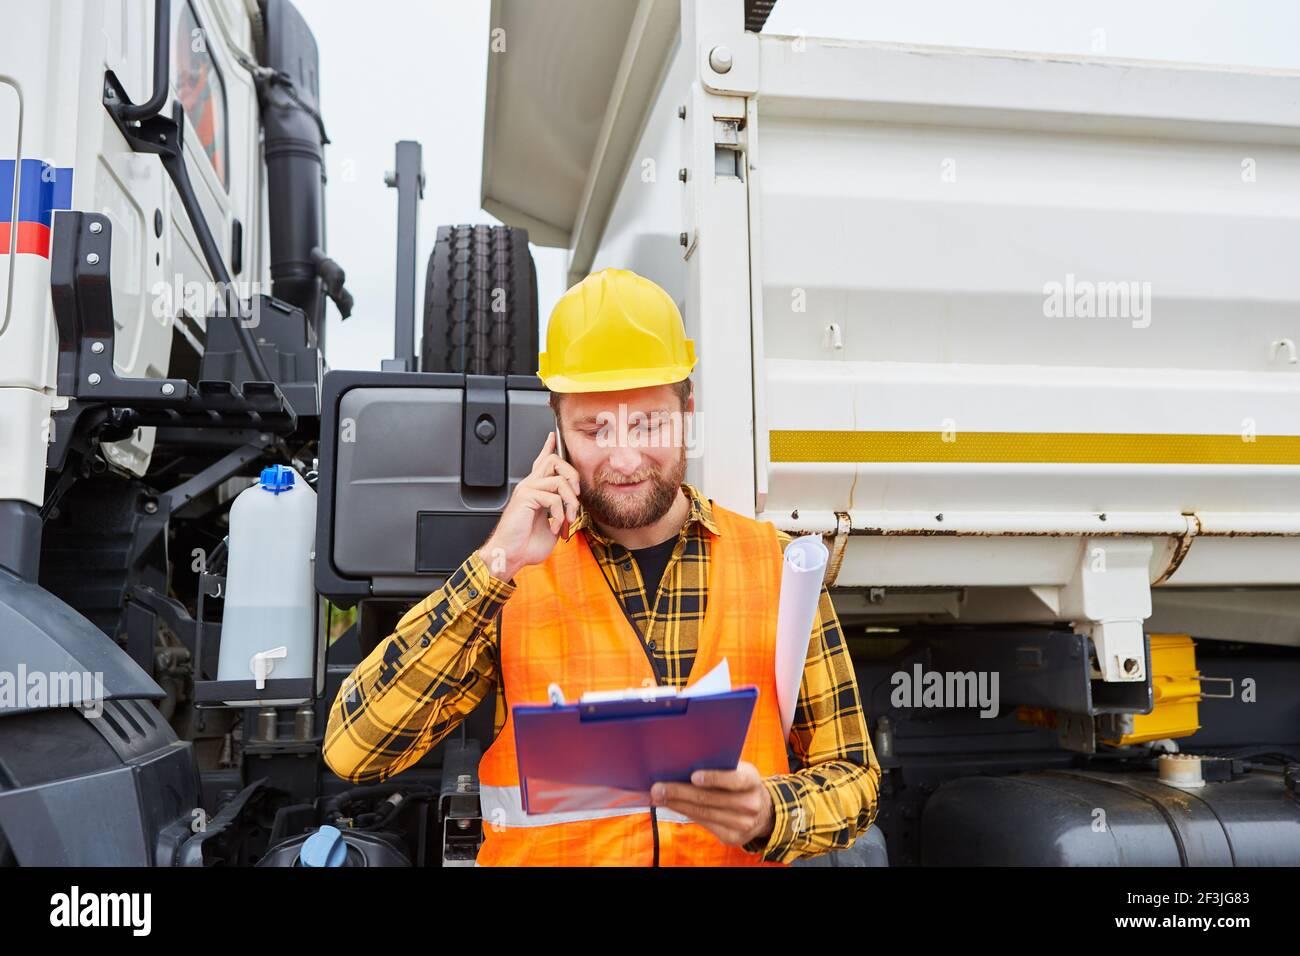 Travailleur de la construction ou chef de chantier avec liste de contrôle et smartphone dans avant du camion sur le chantier Banque D'Images